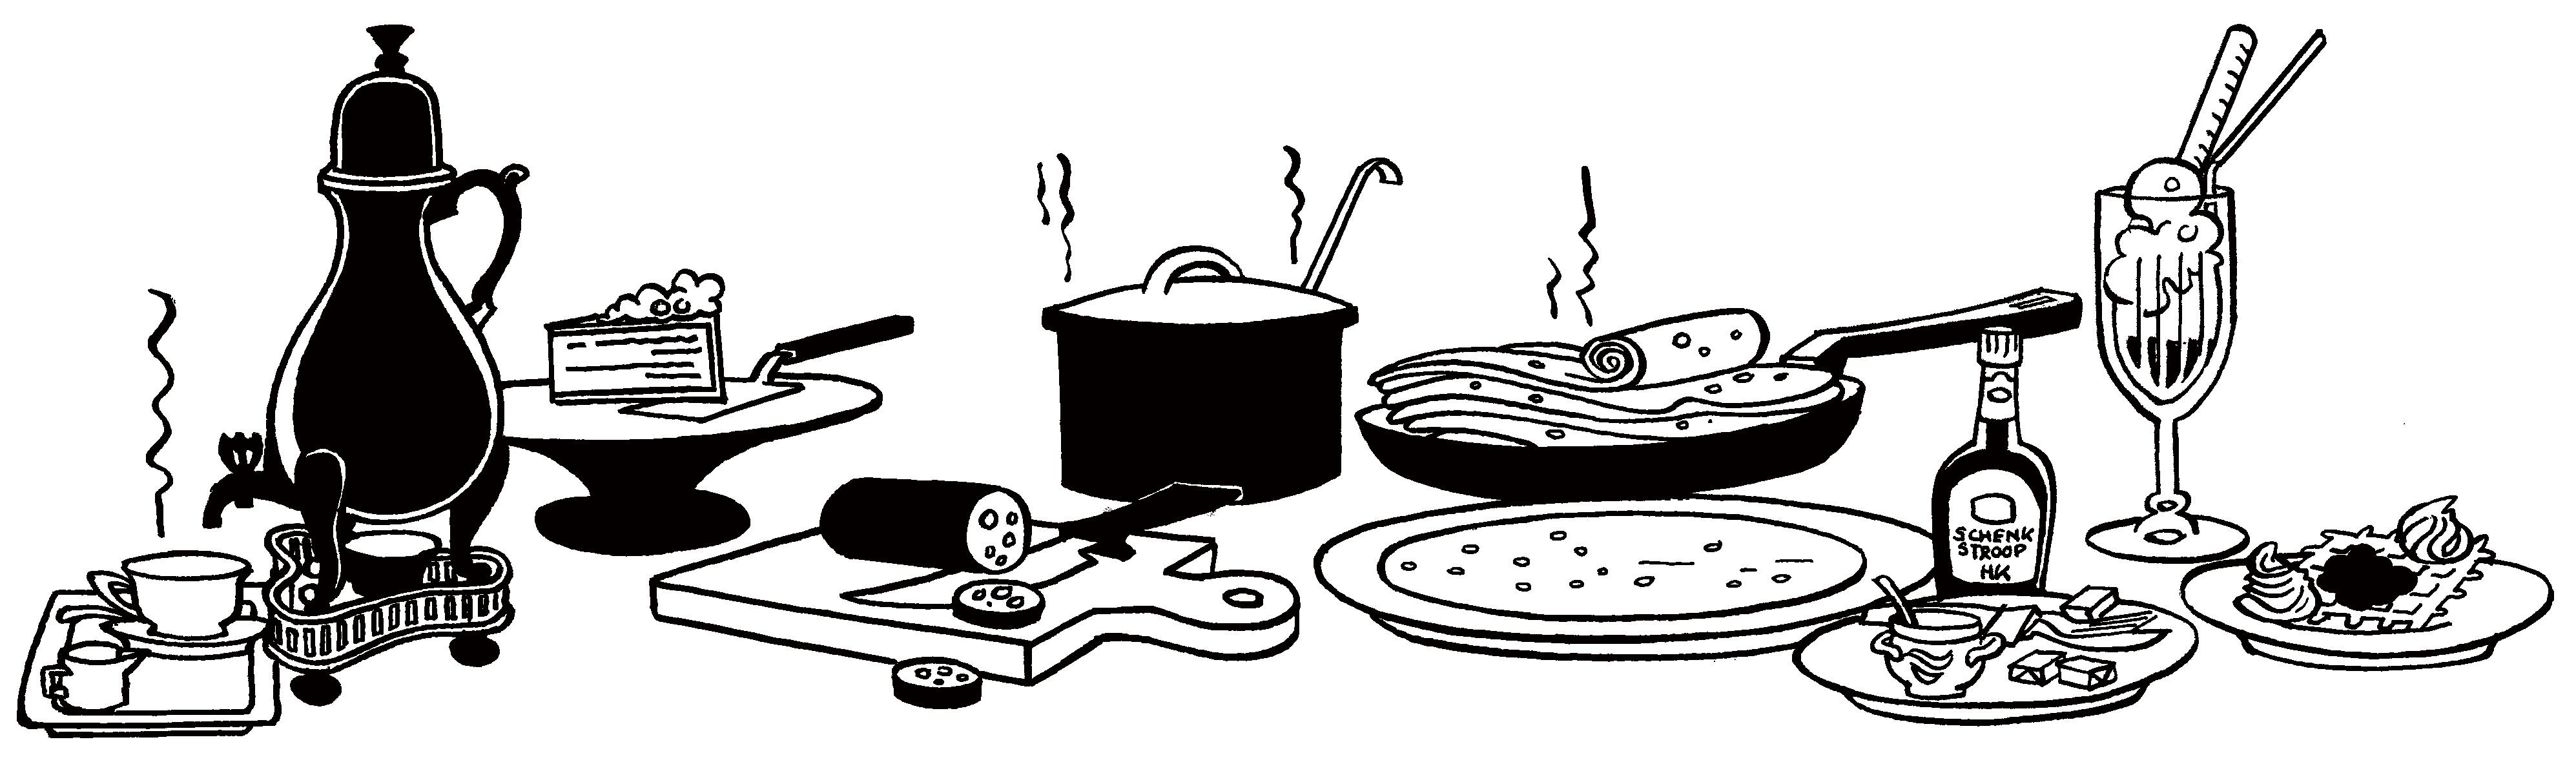 Illustratie van 't Hoes van Hol-An, de lekkerste pannenkoeken